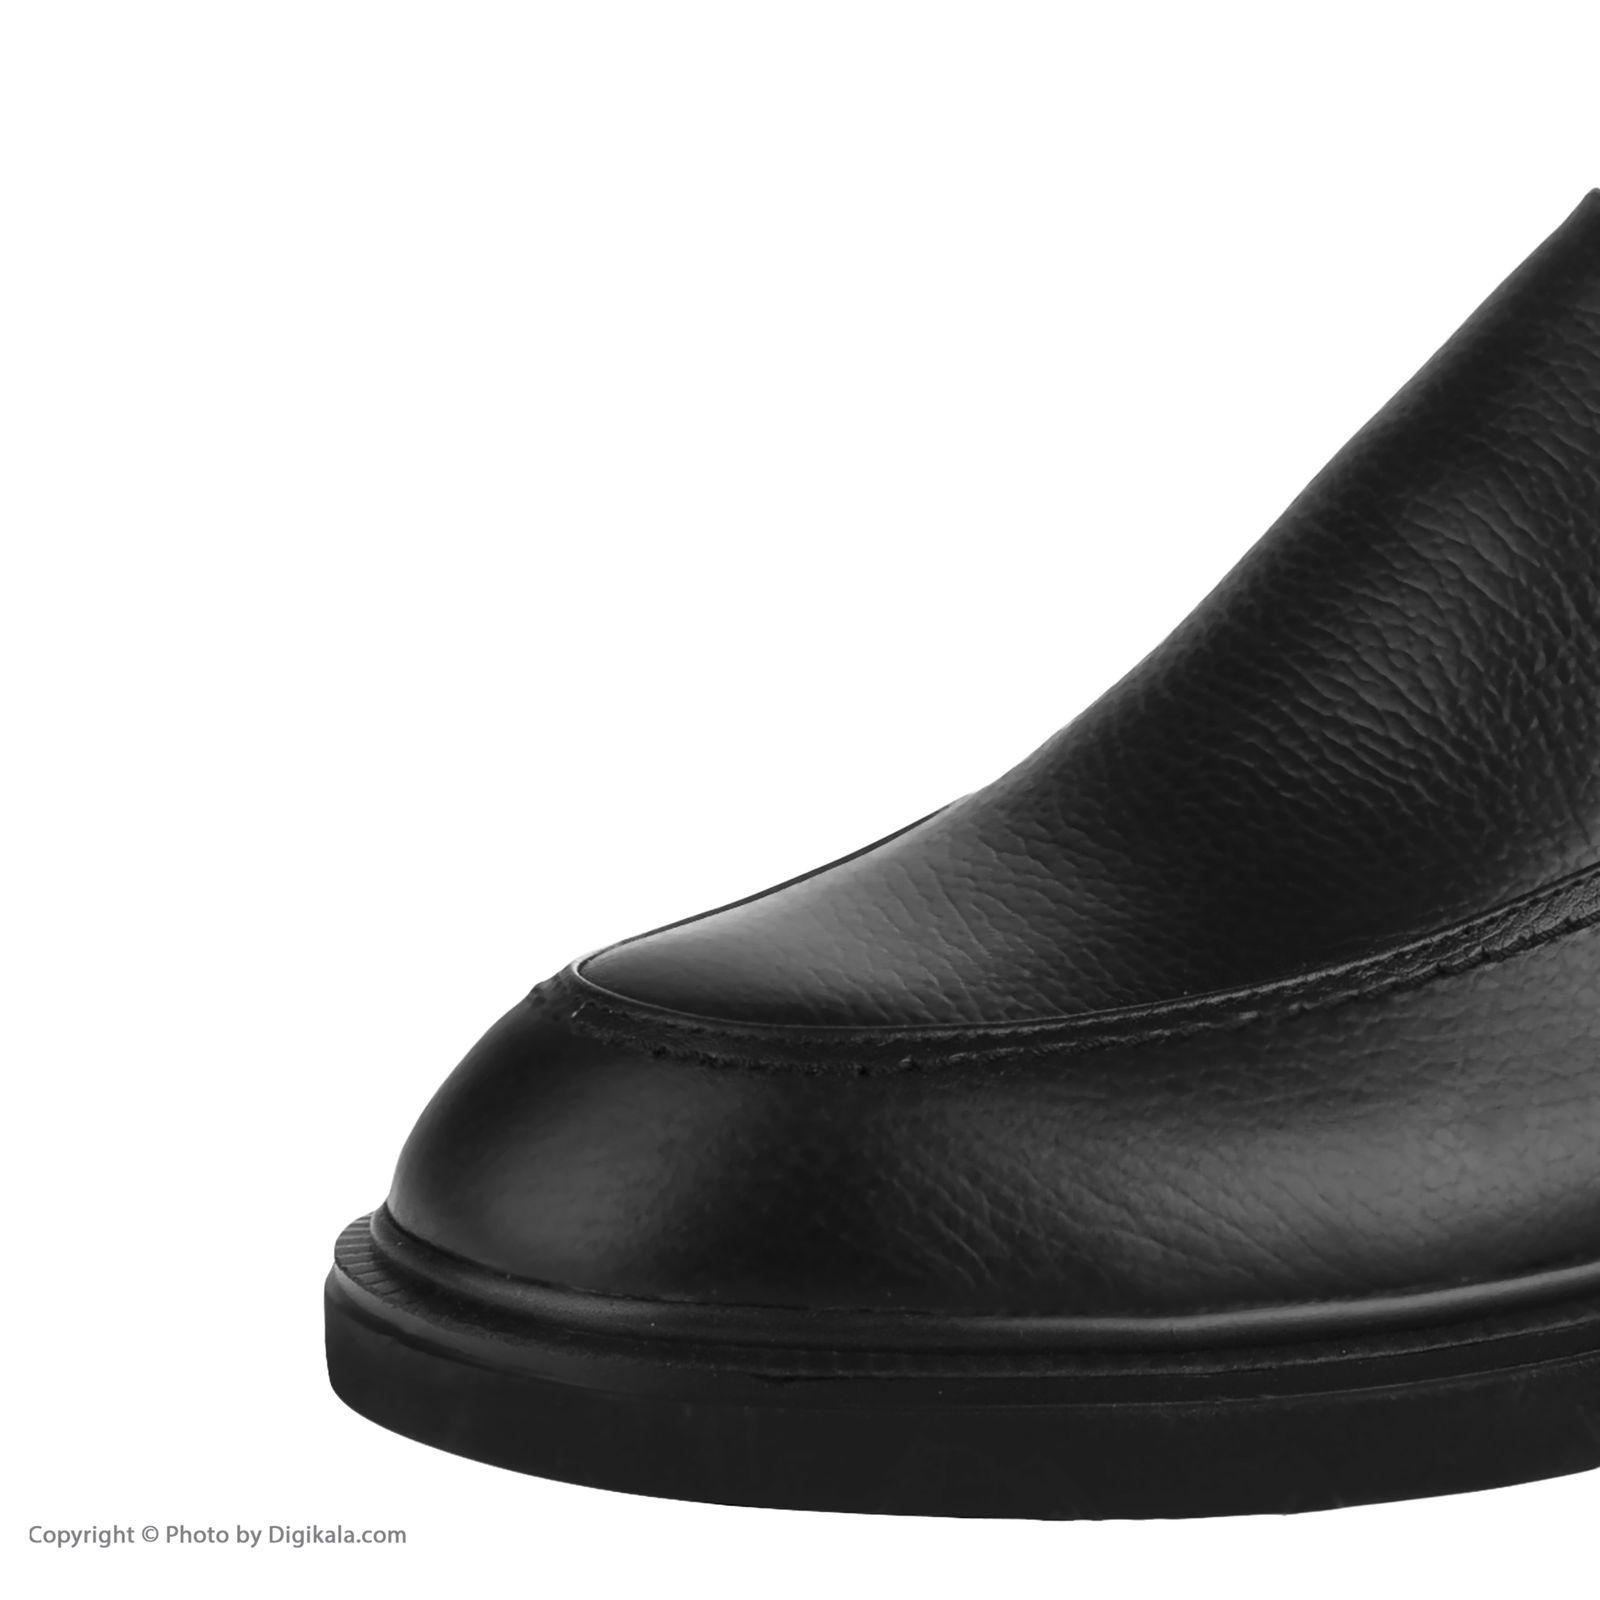 کفش روزمره مردانه سوته مدل 5018A503101 -  - 7